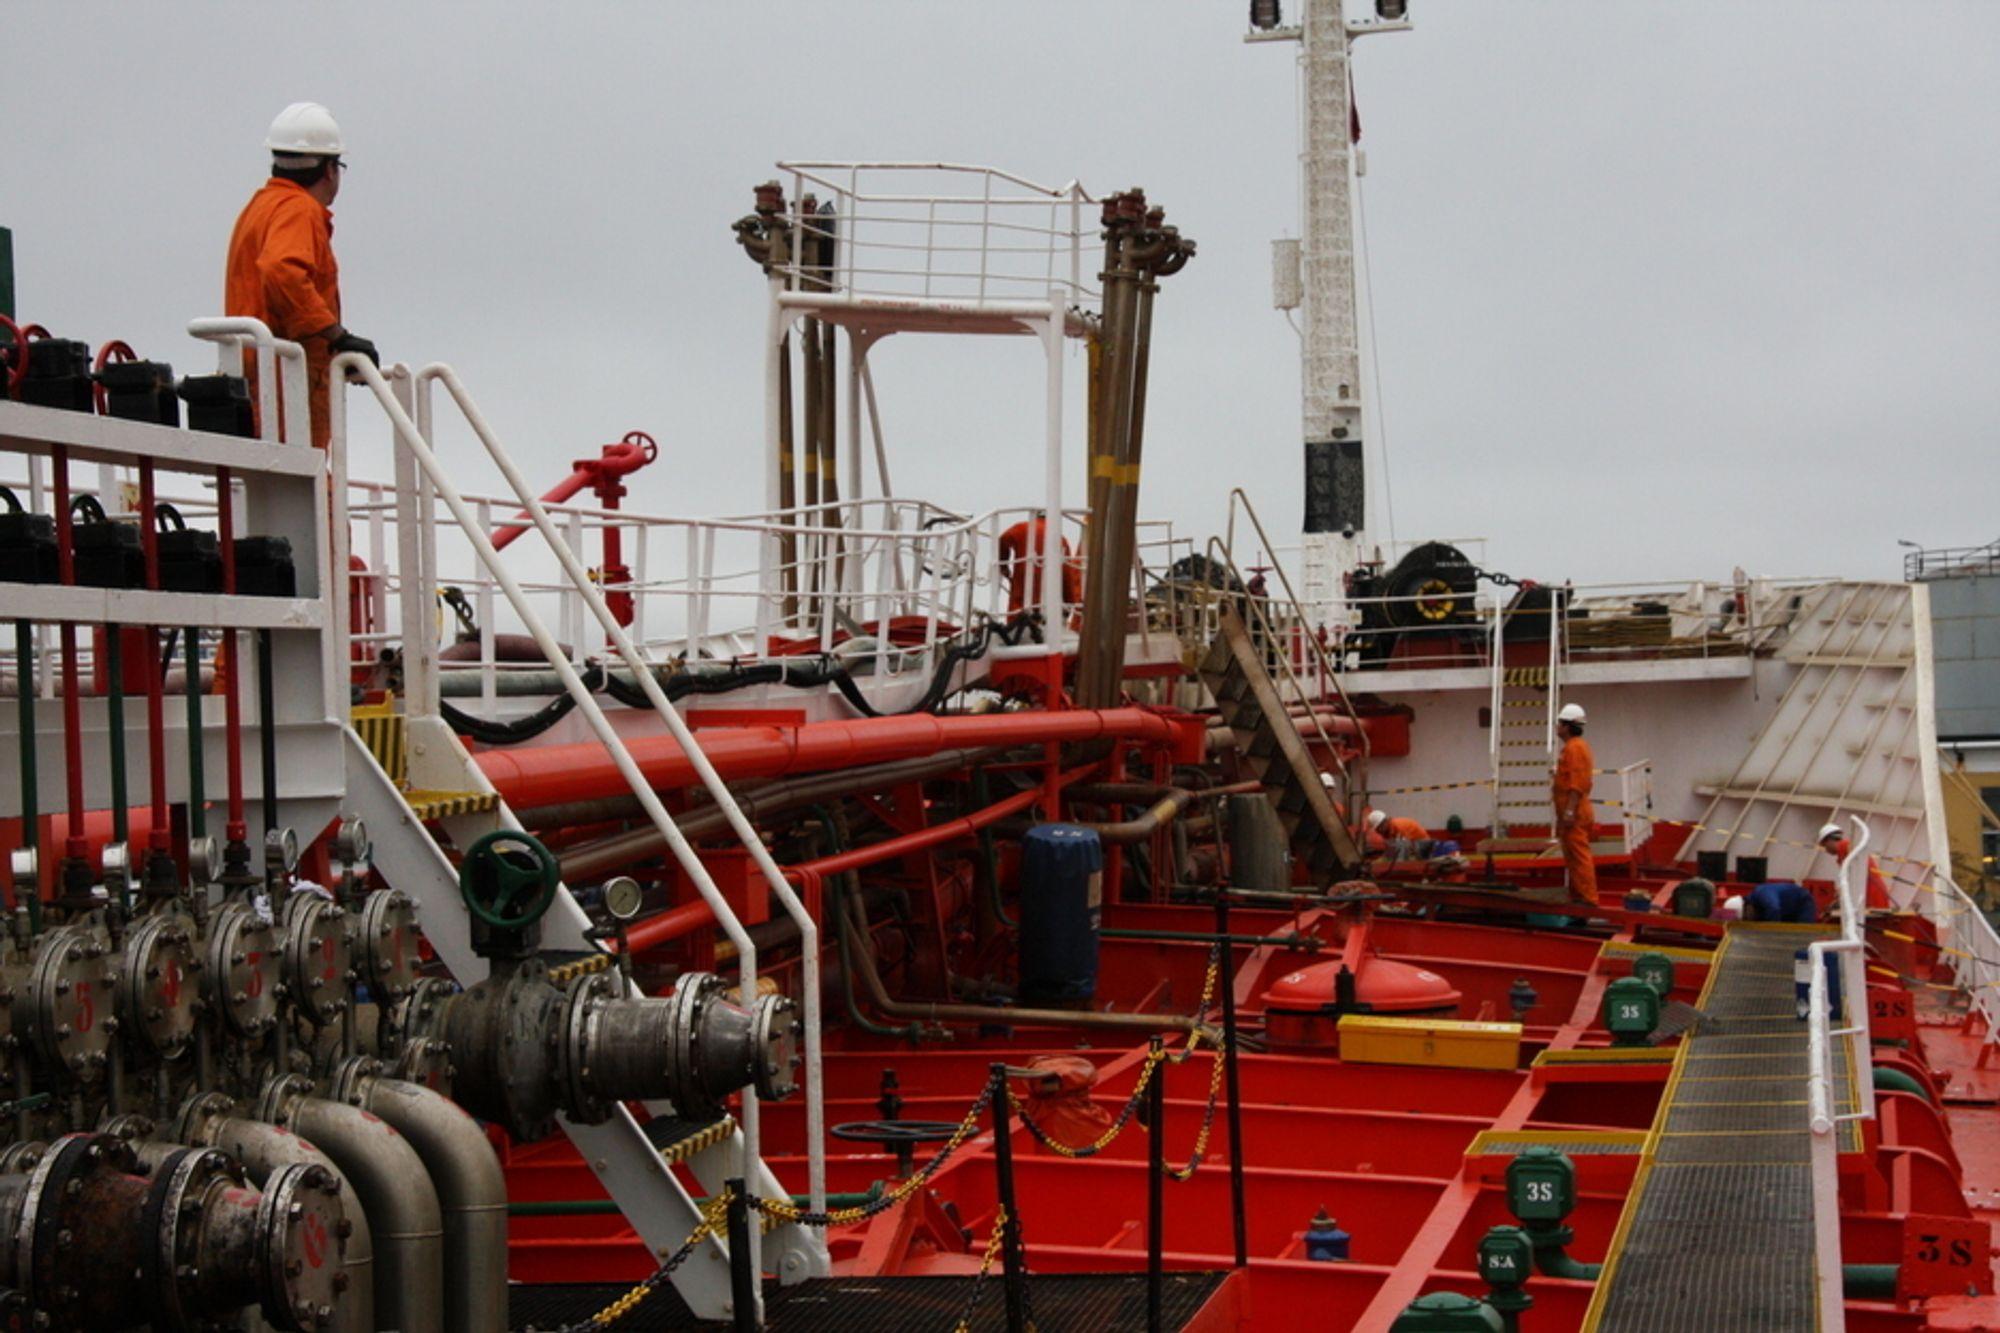 RENT: Tanker og utstyr om bord på skip vaskes med varmt vann og høyt trykk. Vedlikekhold og opplæring er viktig for riktig bruk. Her fra vasking av Mar Cristina som eksploderte ved kaia til Oleon i august.